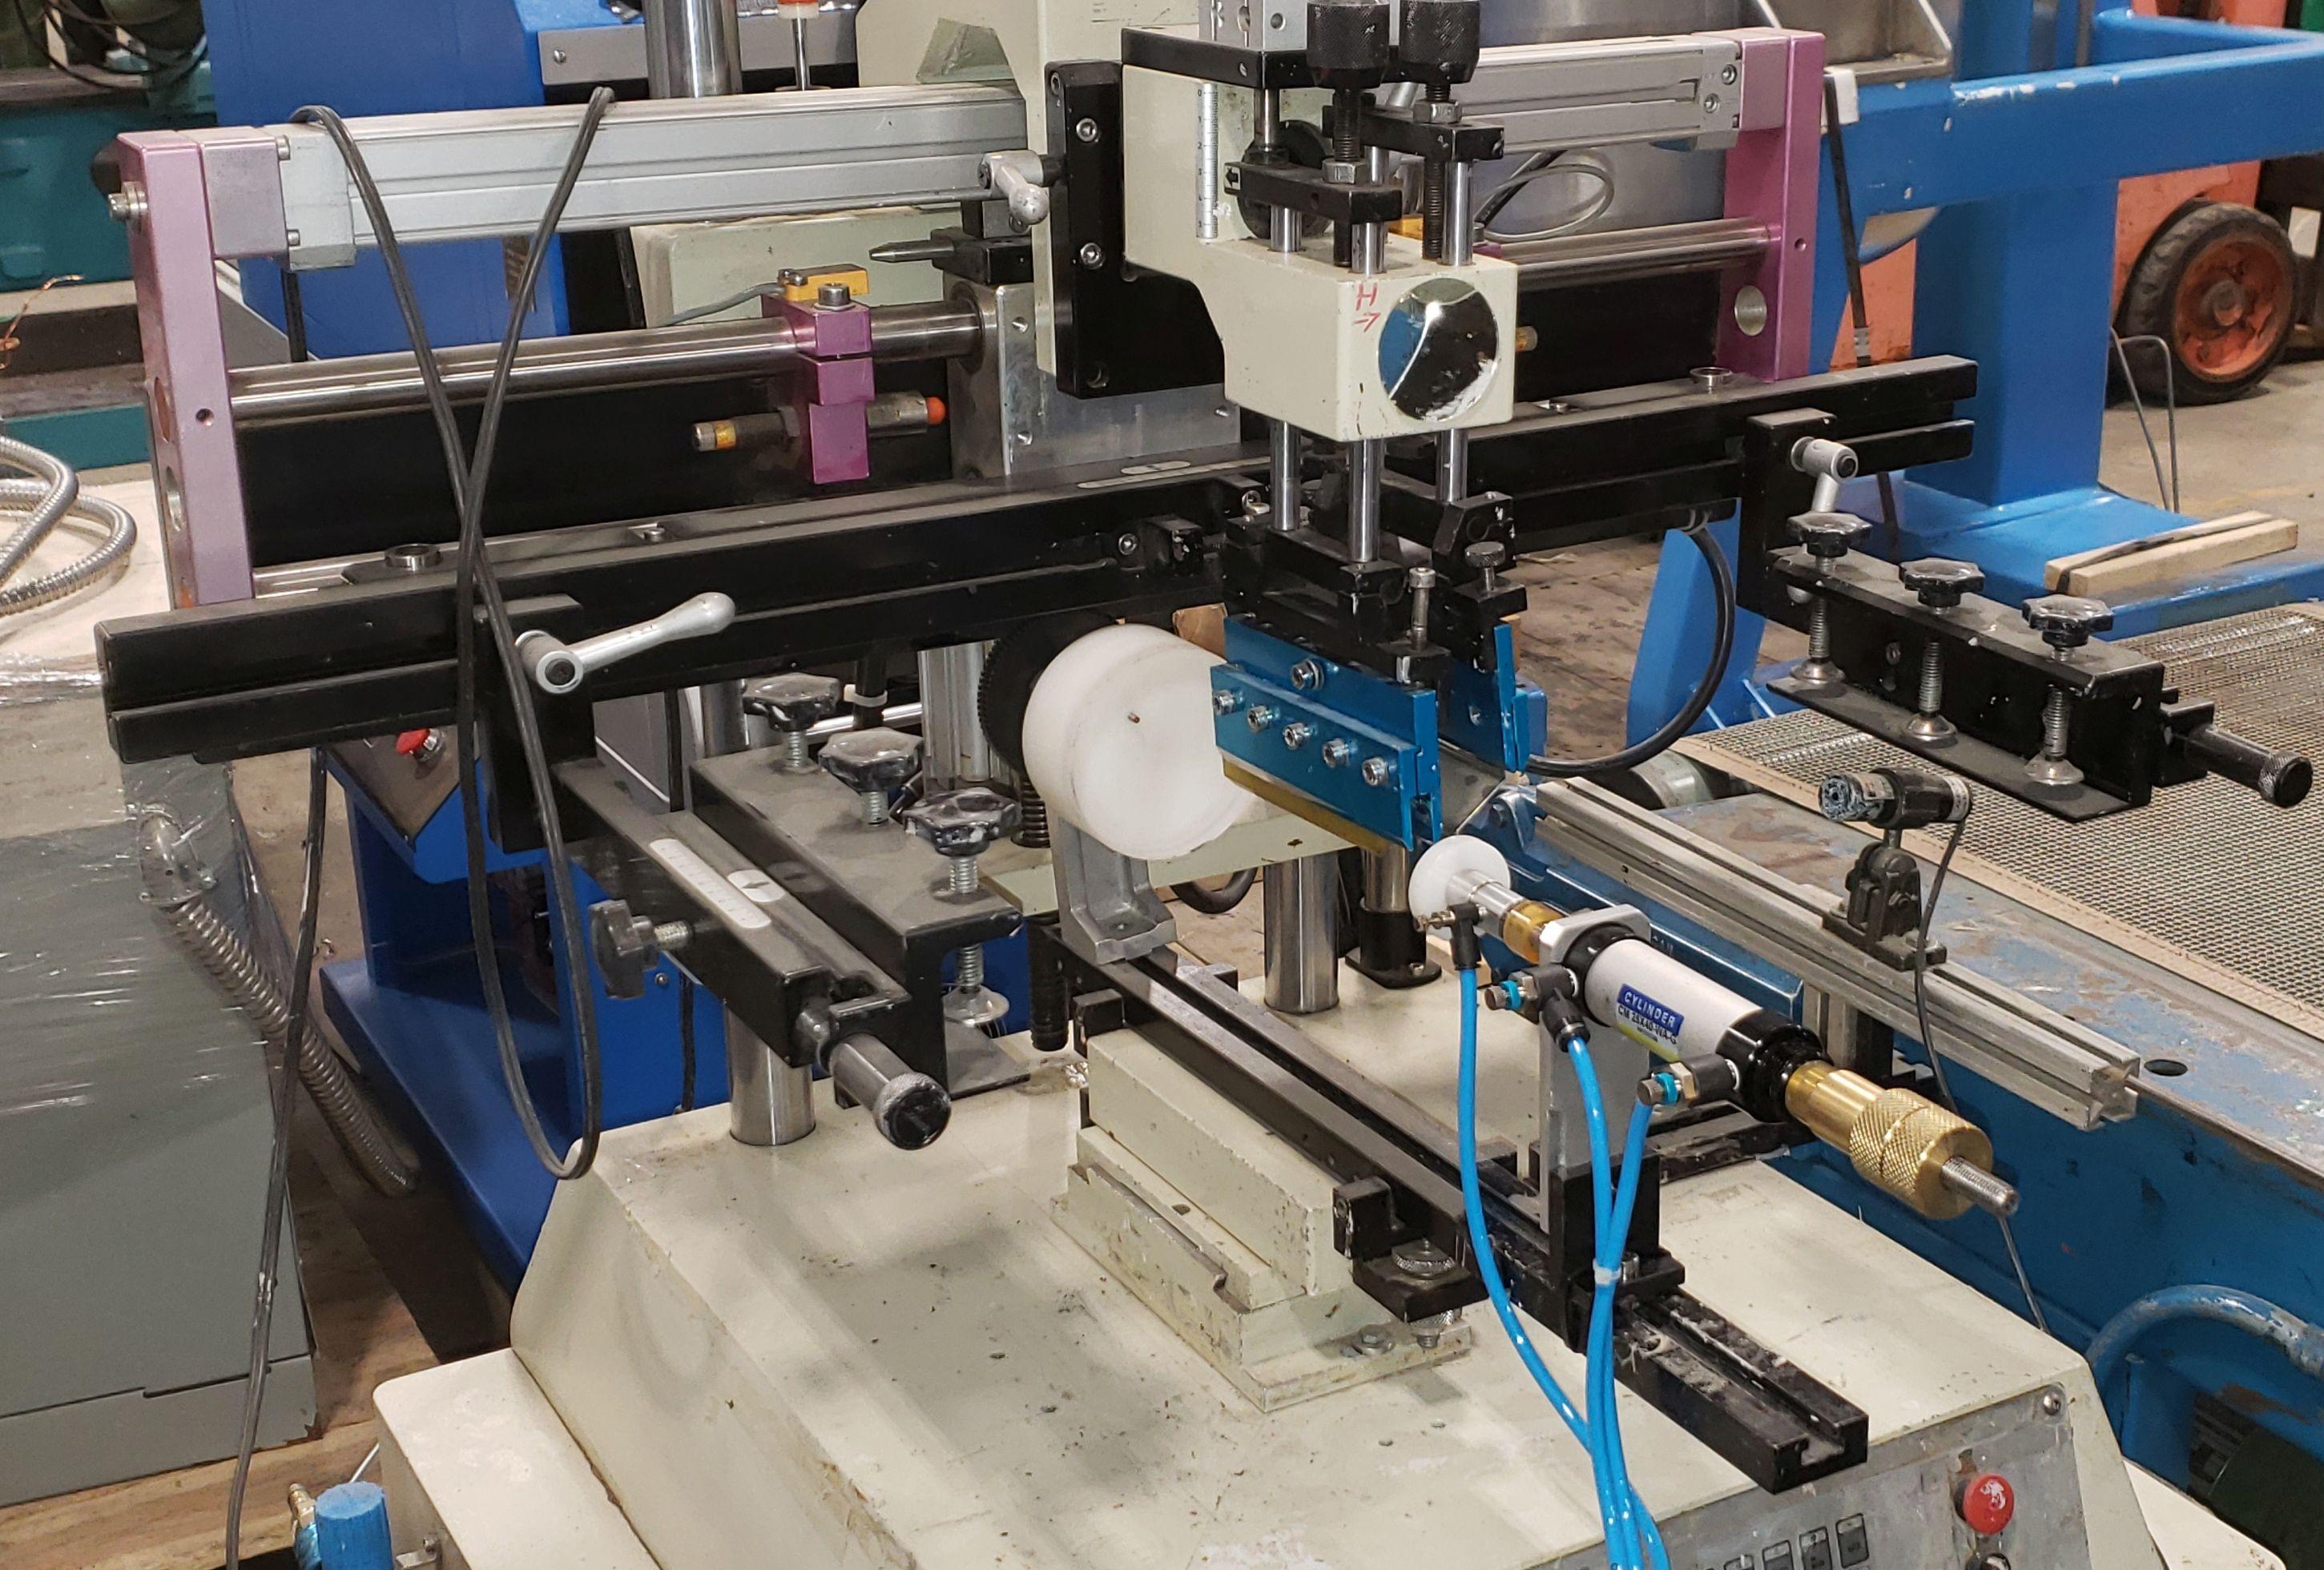 Silk Screen Printer for Bottles - Image 3 of 10